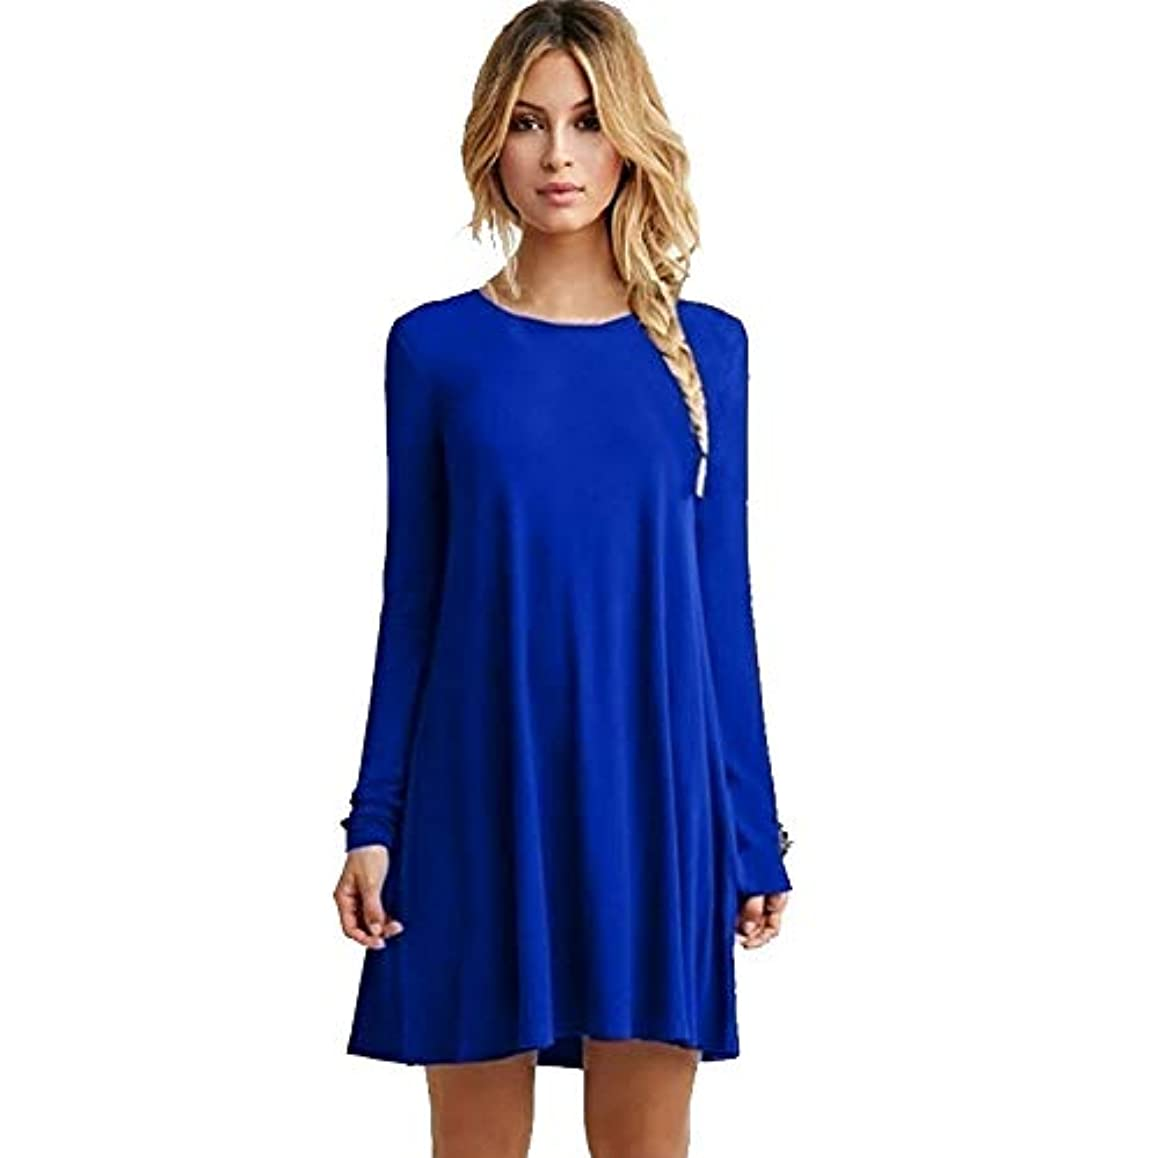 型ペルメル声を出してMIFANルースドレス、プラスサイズのドレス、長袖のドレス、女性のドレス、秋のドレス、マキシドレス、コットンドレス